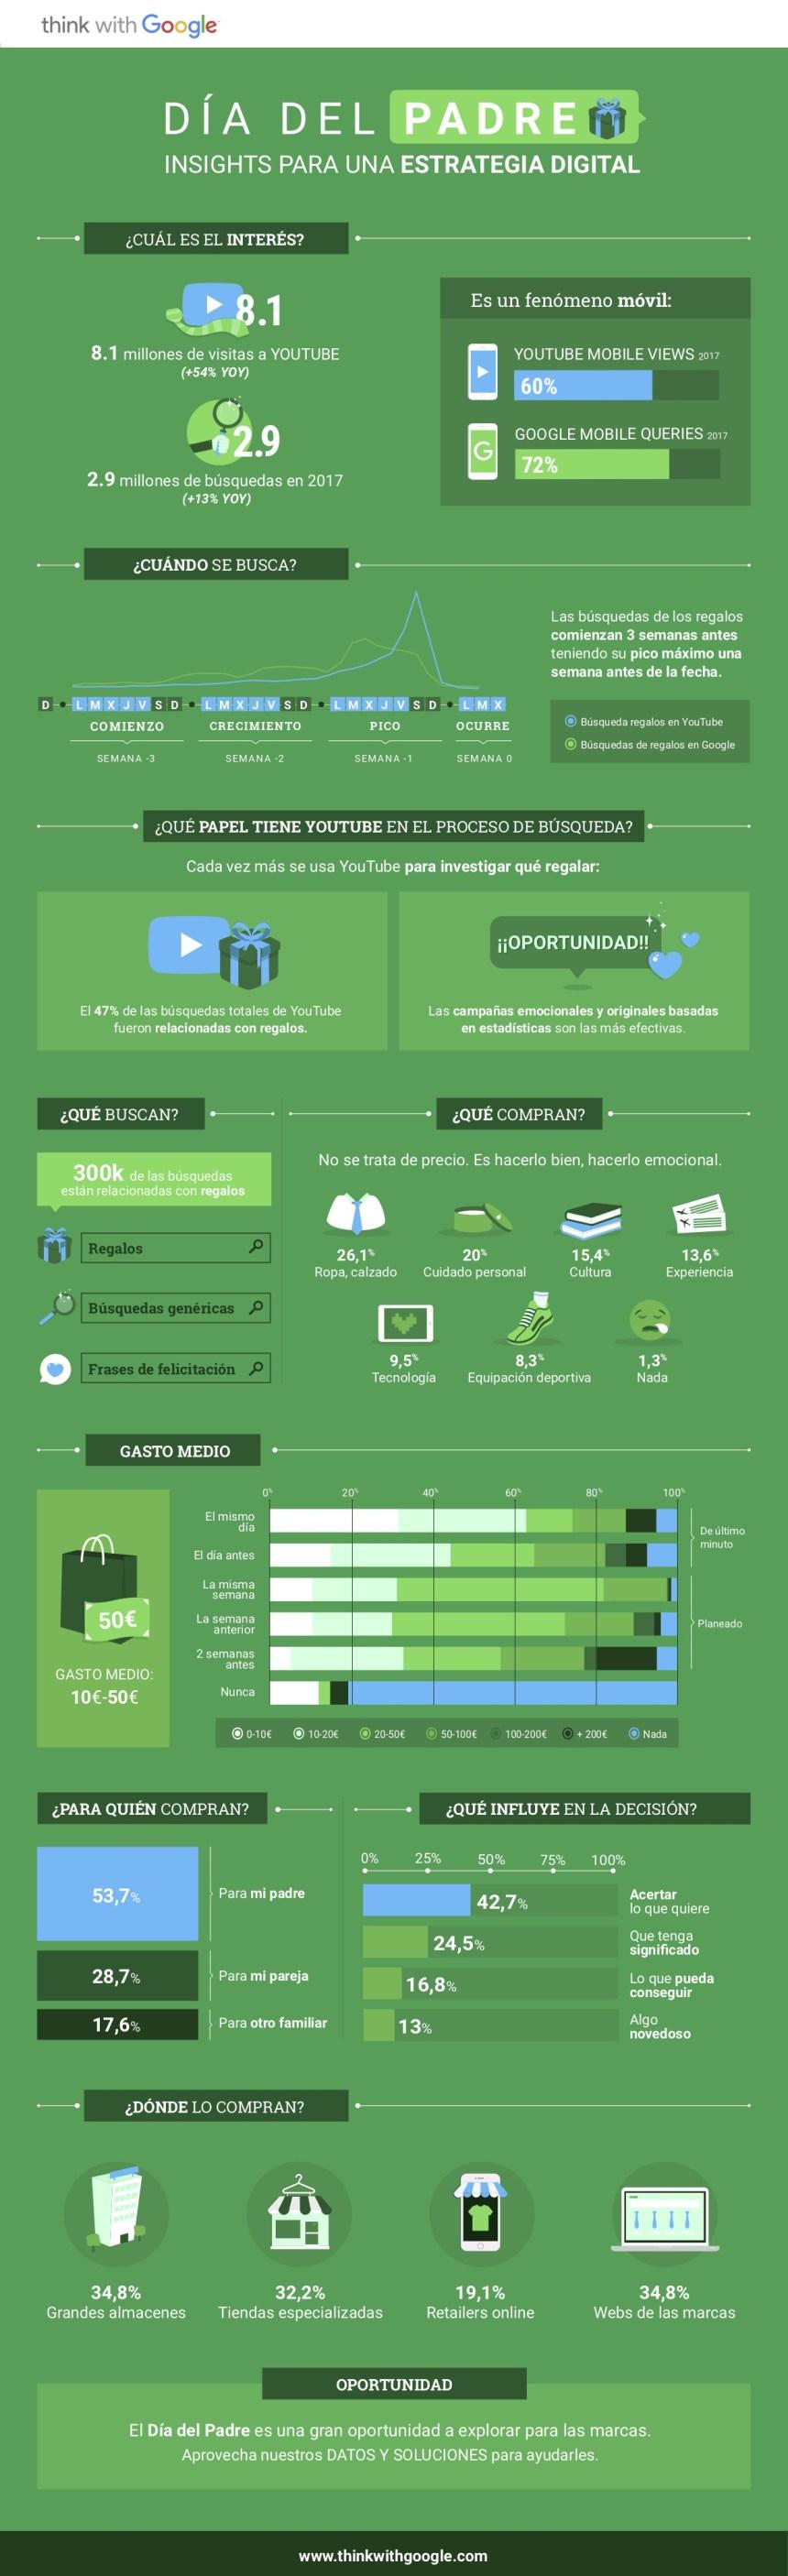 Día del Padre: insights para una estrategia digital #infografia #infographic #marketing